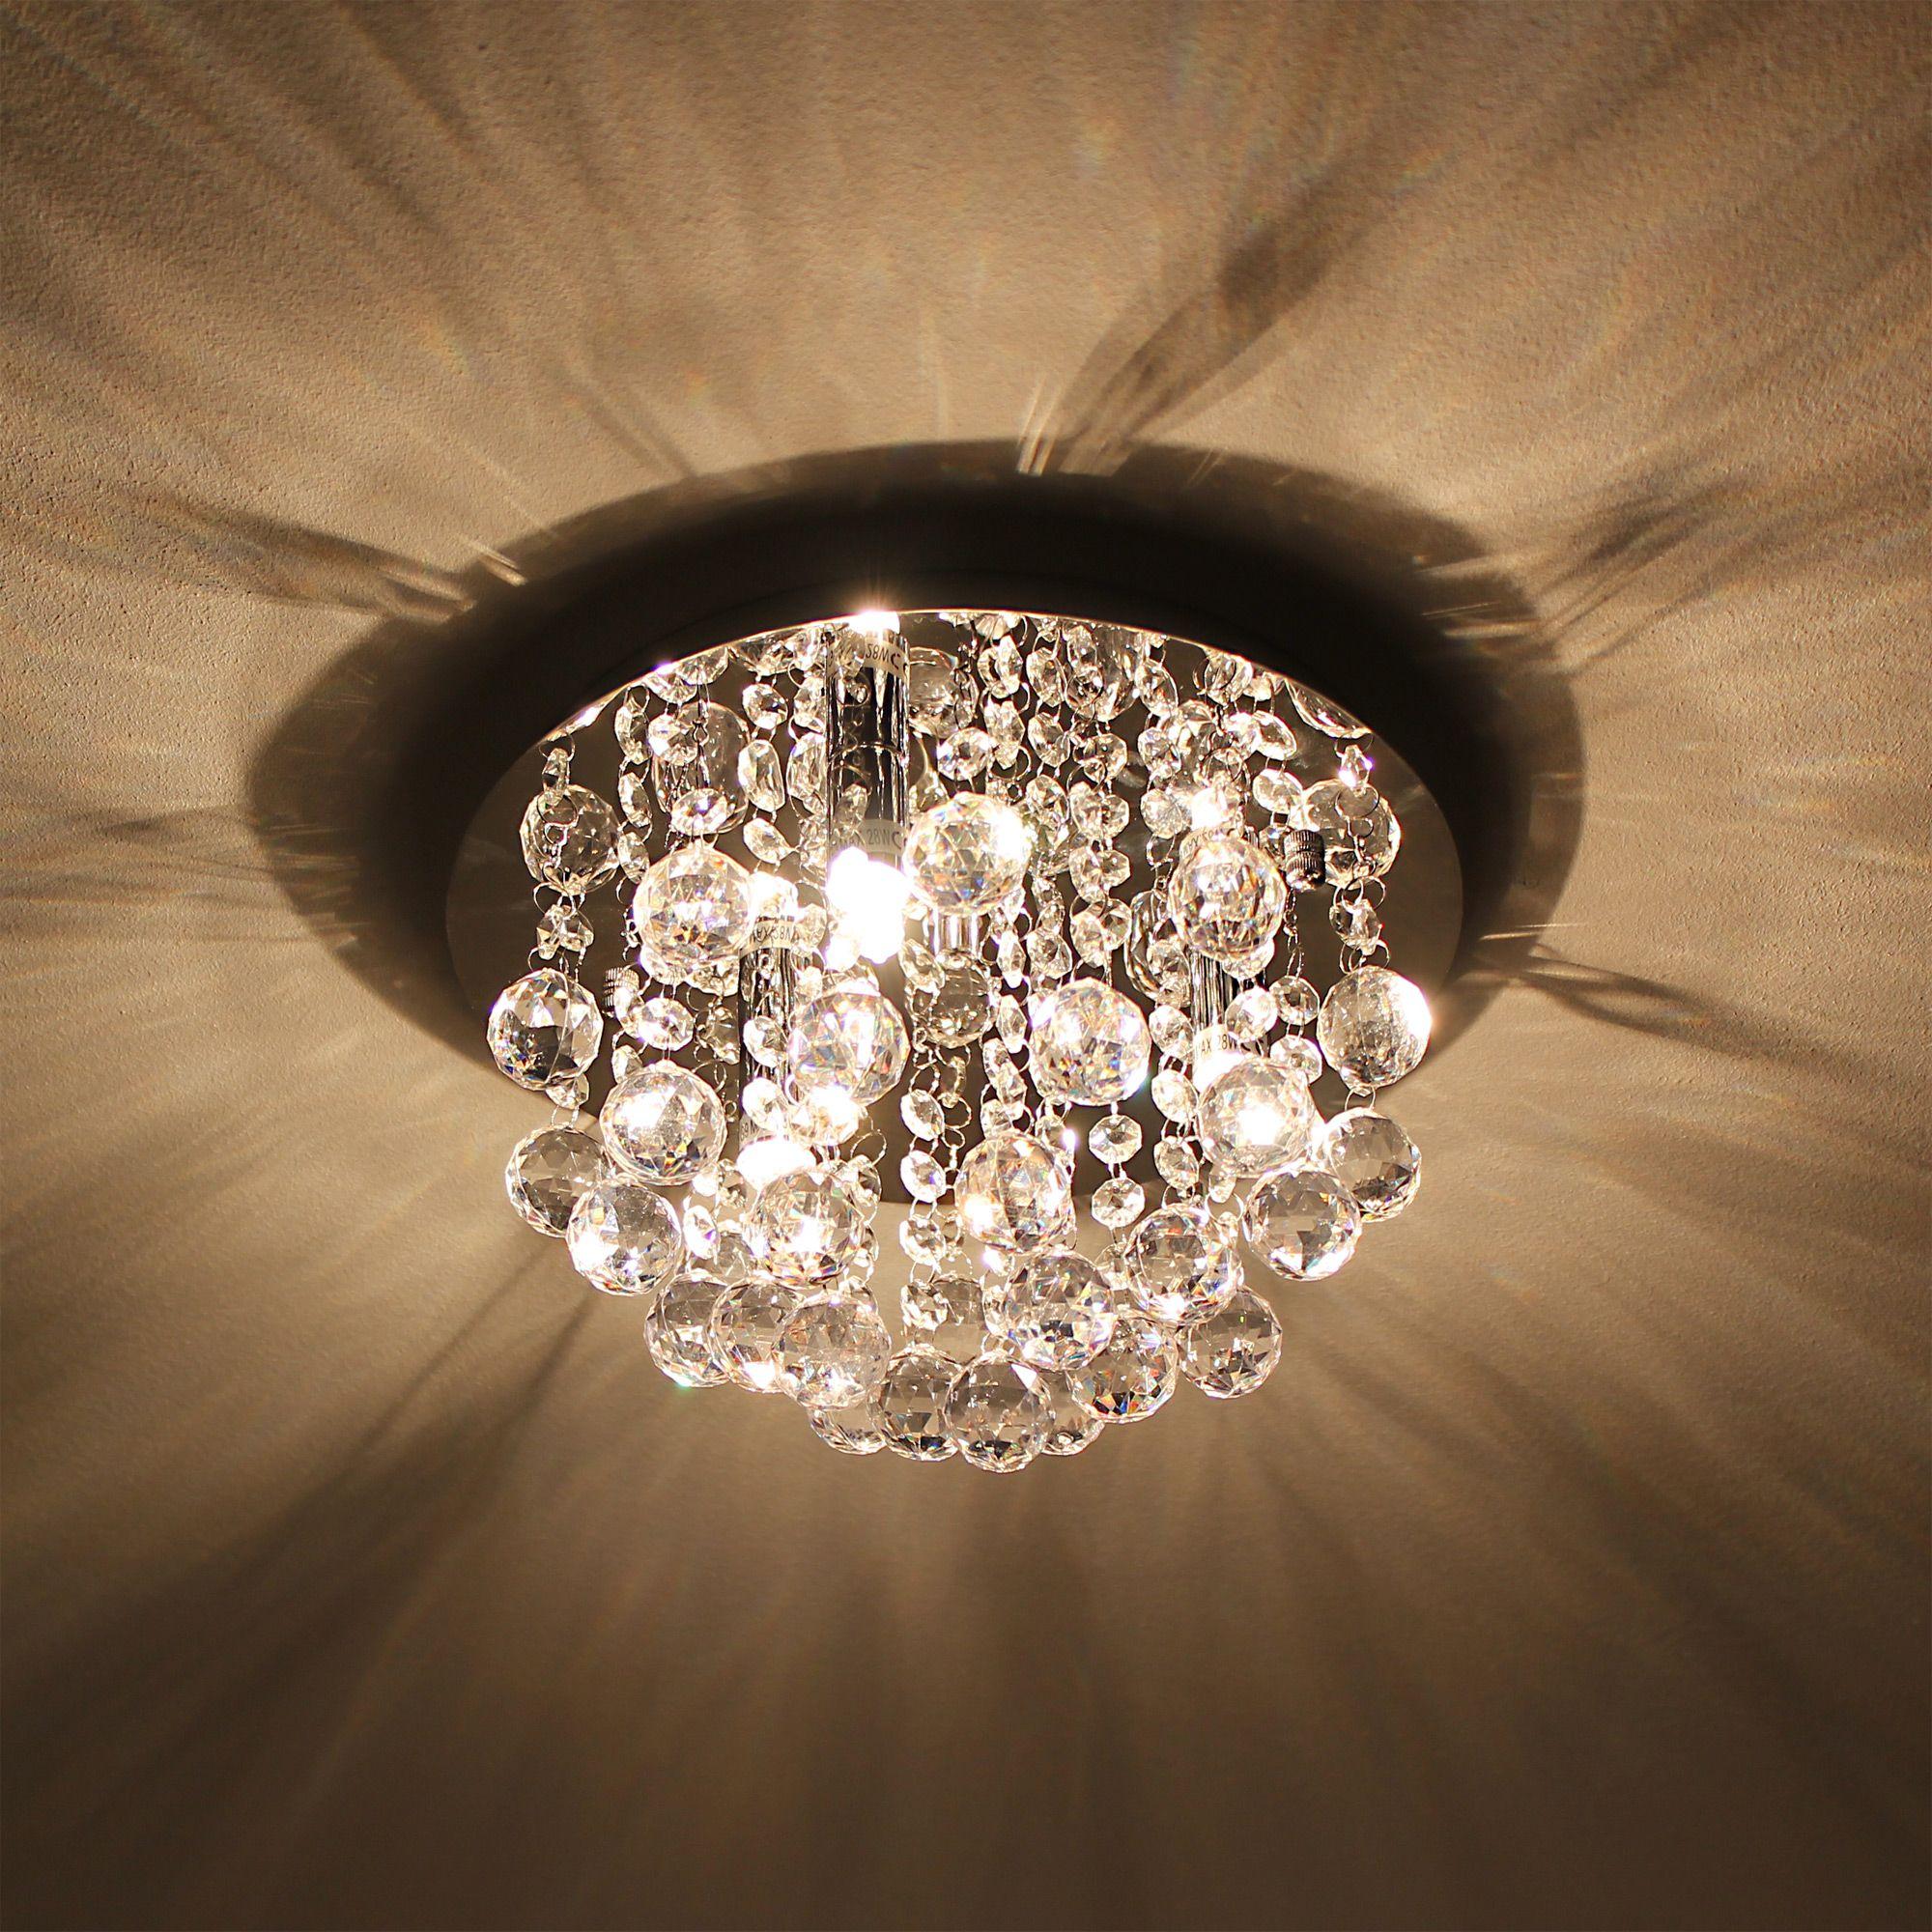 luxpro led kristall deckenleuchte 28cm deckenlampe 3xg9 smd l ster h ngeleuchte ebay. Black Bedroom Furniture Sets. Home Design Ideas